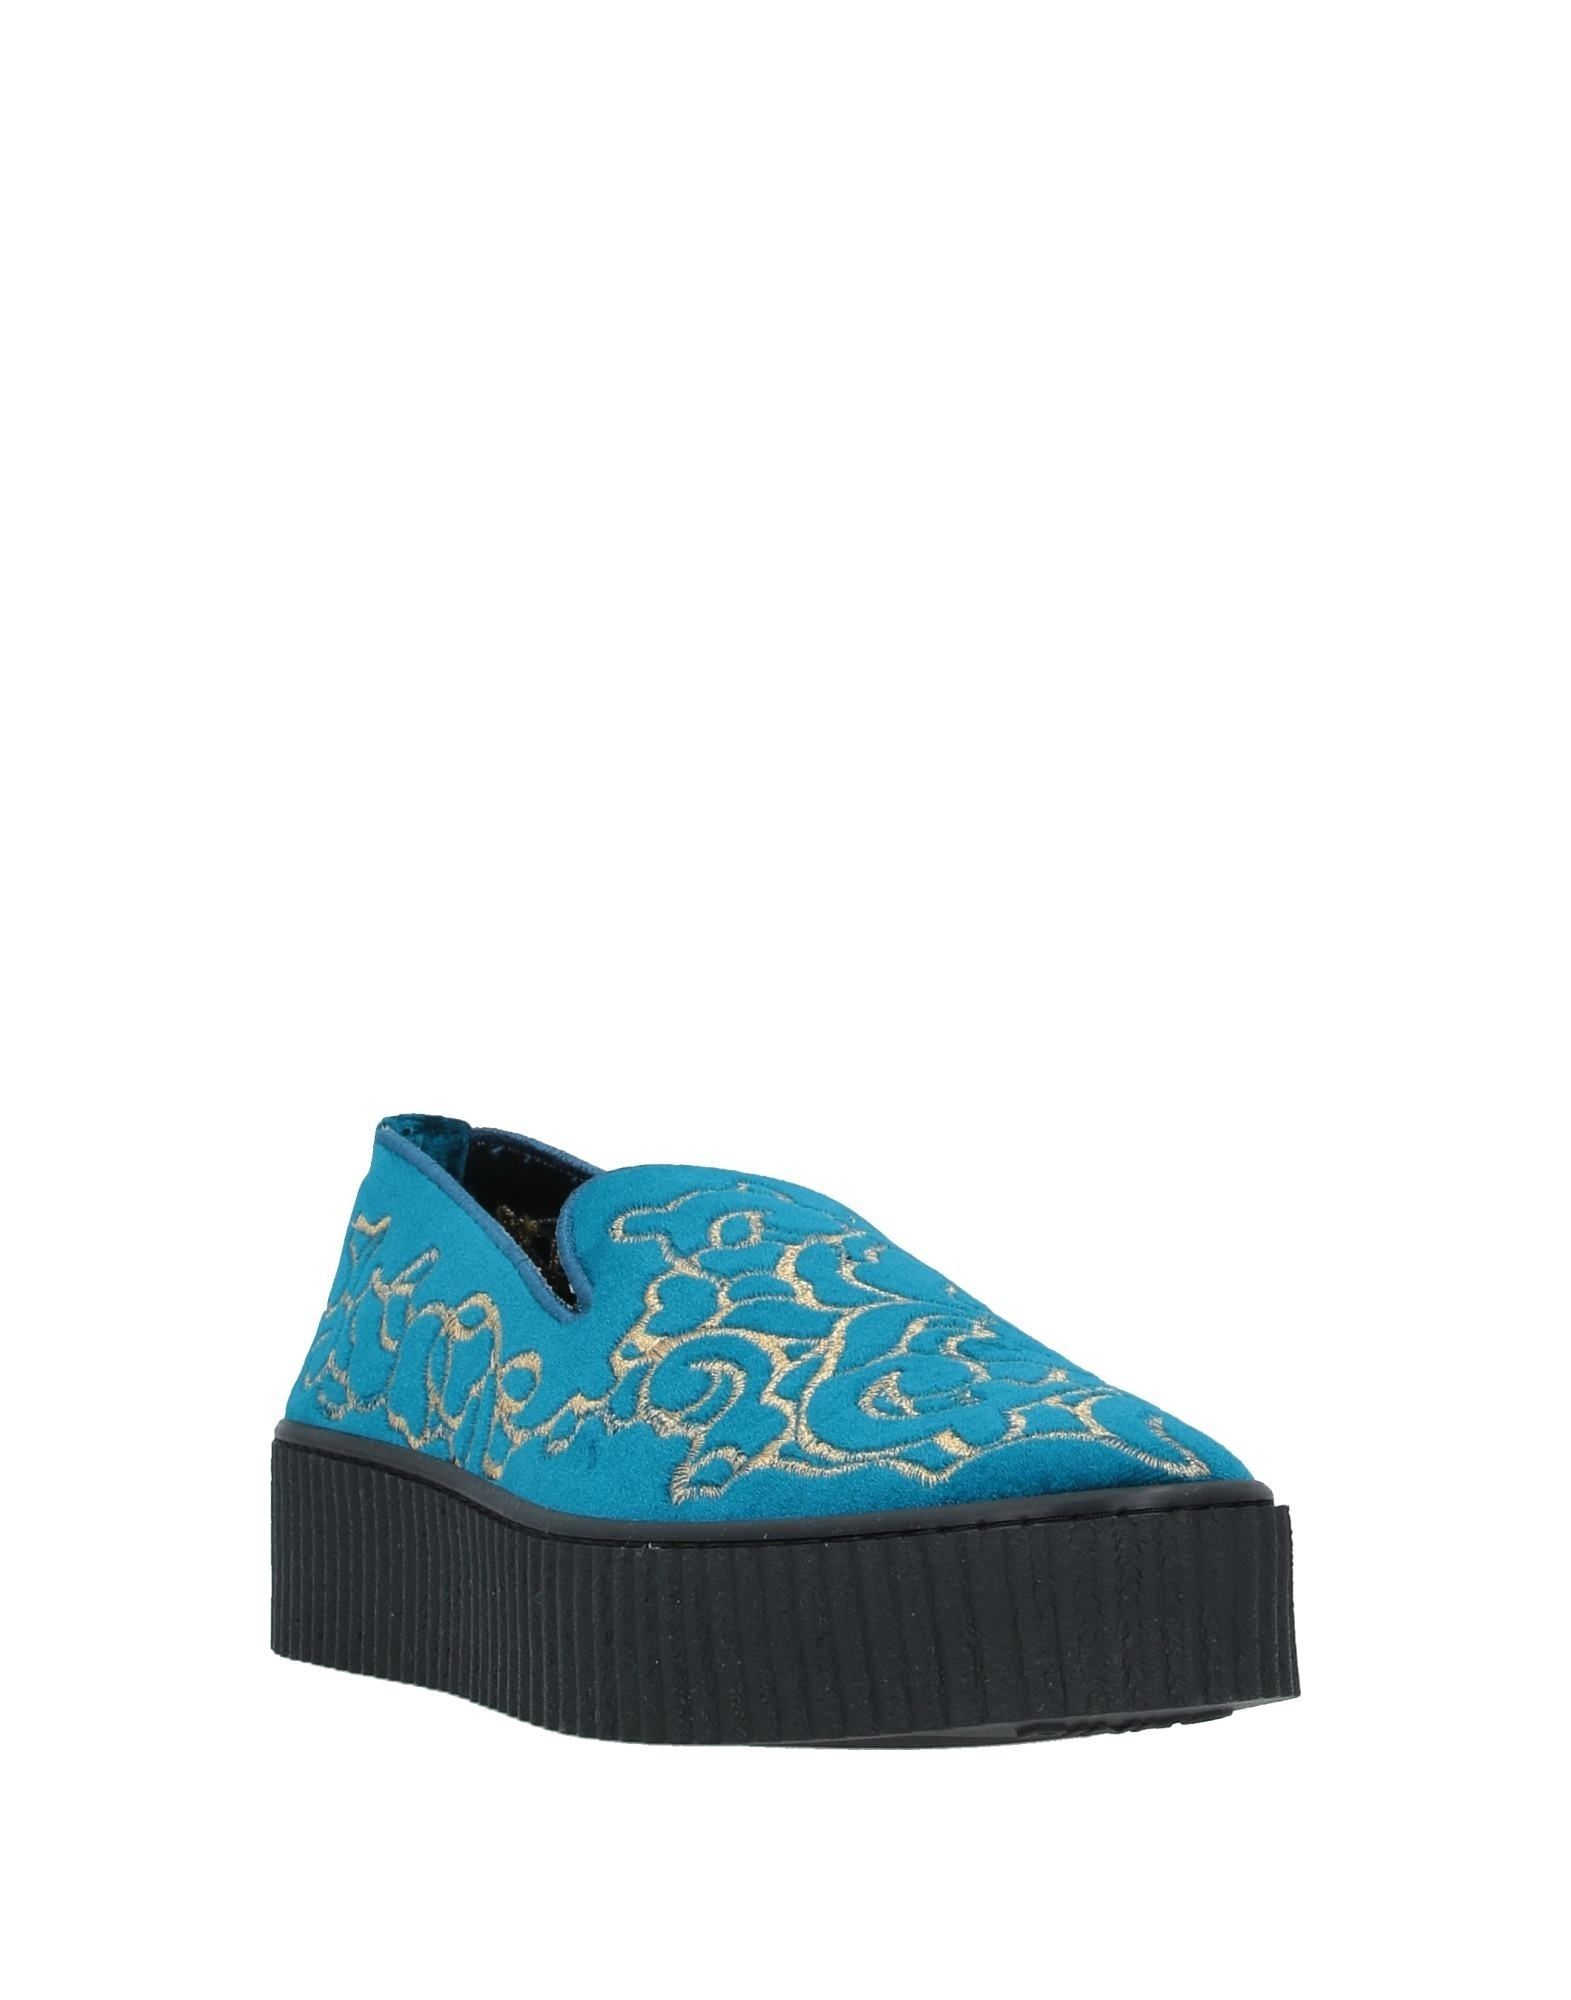 Pinko Blue Velvet Slip On Loafers